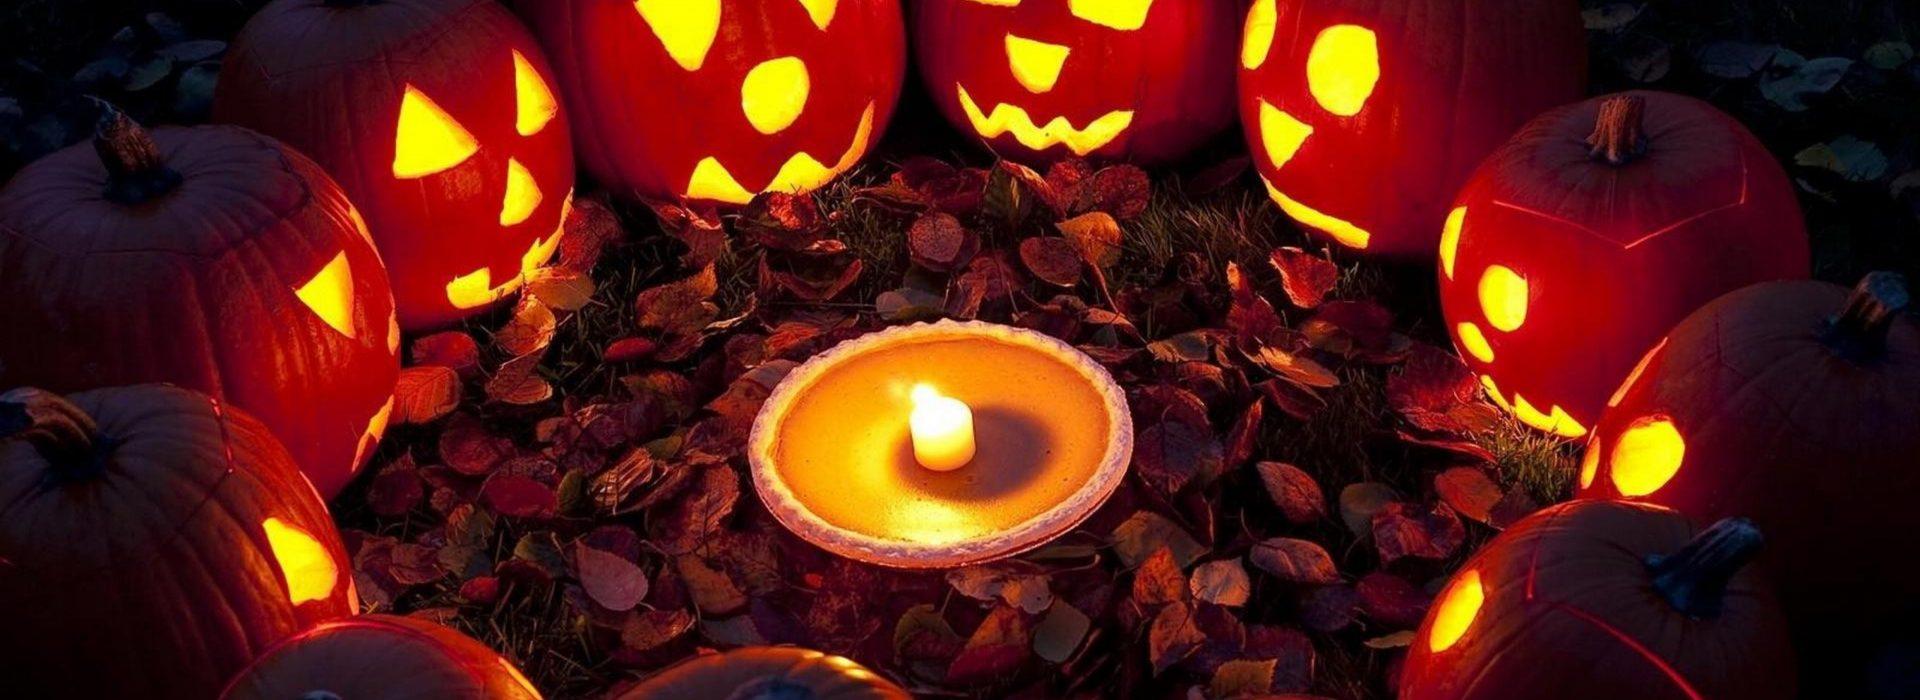 pumpkins1